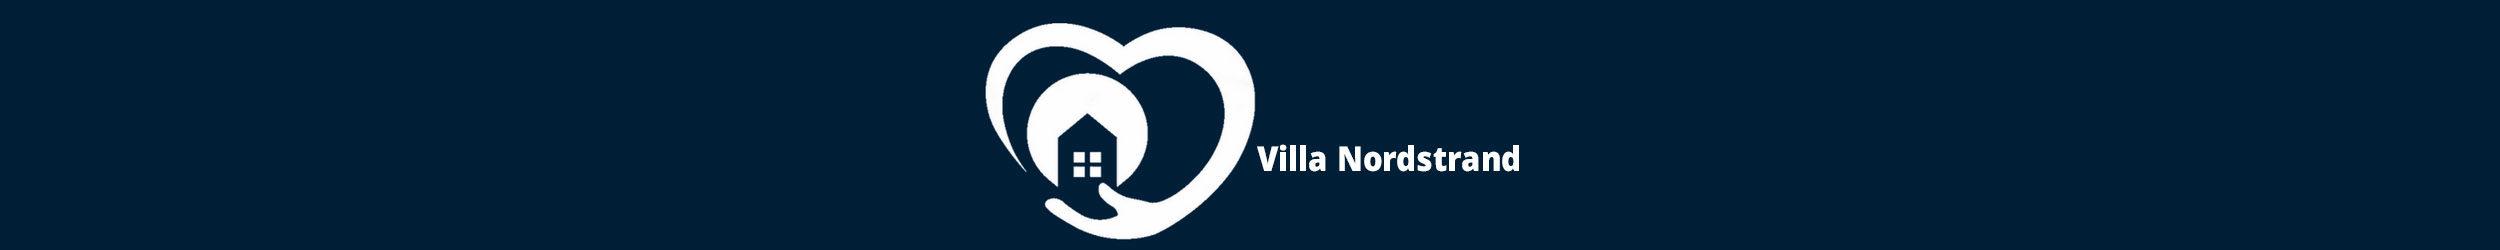 Villa Nordstrand- Trygghet. Omsorg. Trivsel.